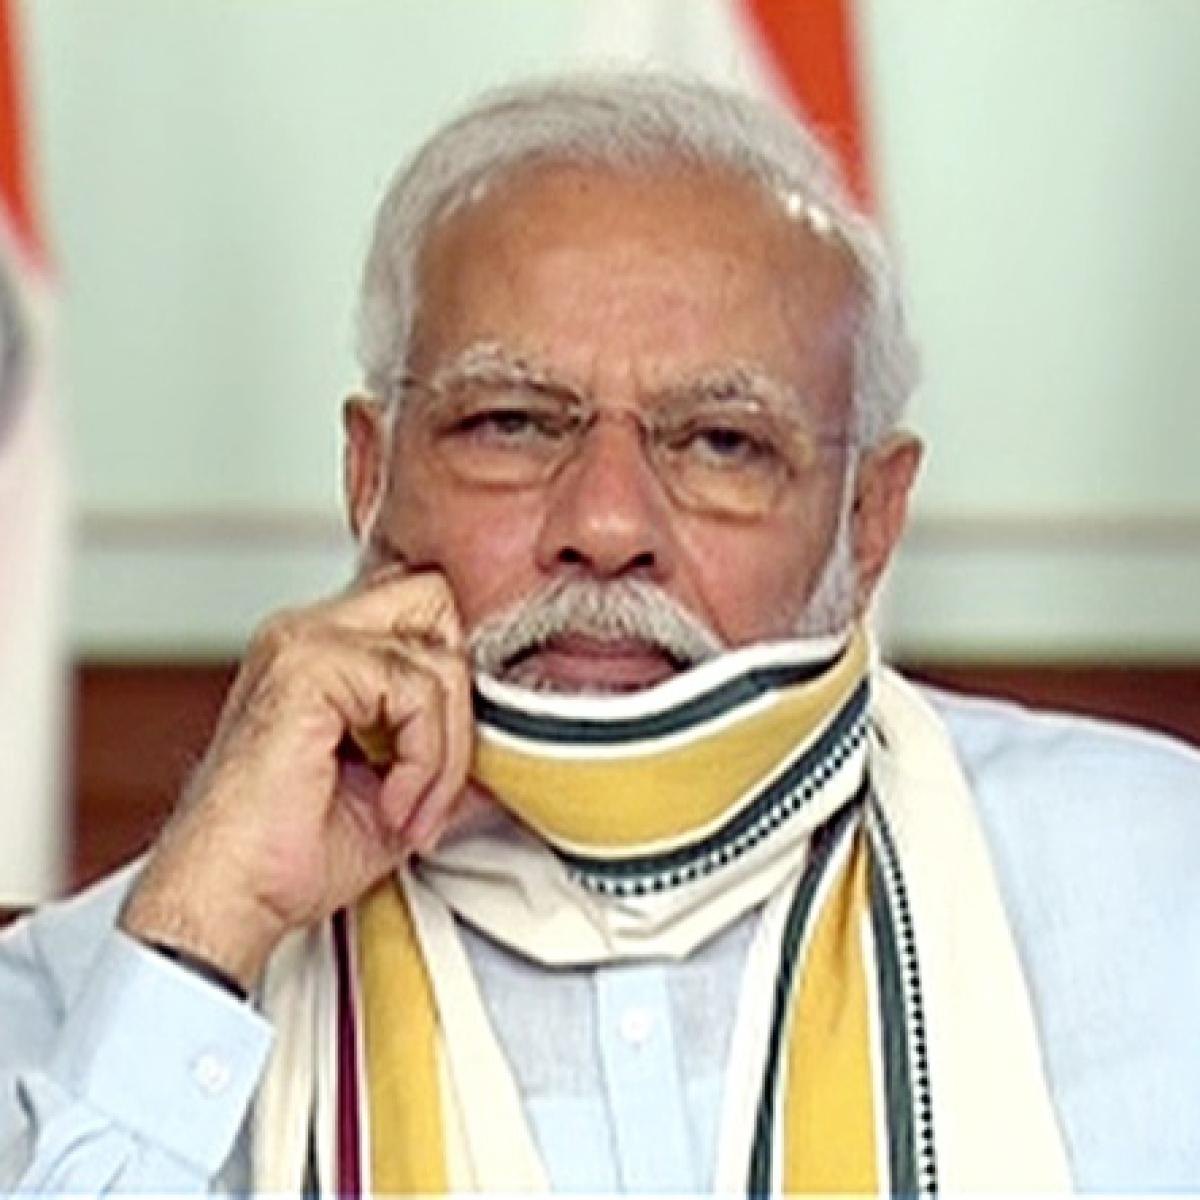 PM Modi's speech on May 12: What are five pillars PM Modi described?